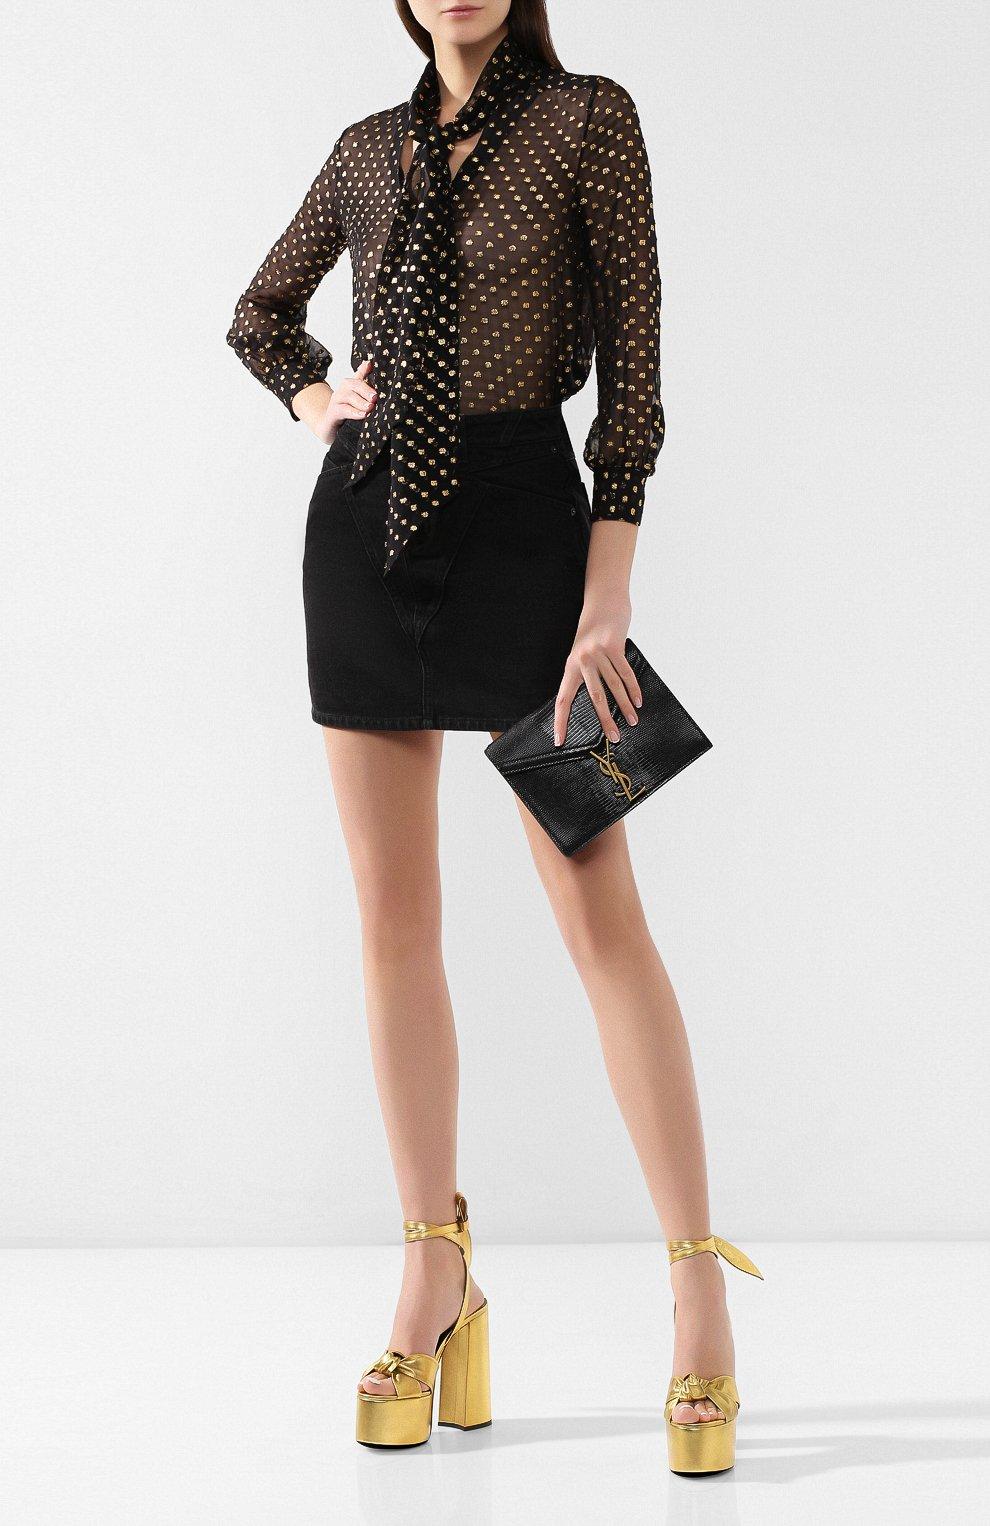 Кожаные босоножки Paige Saint Laurent золотые | Фото №2